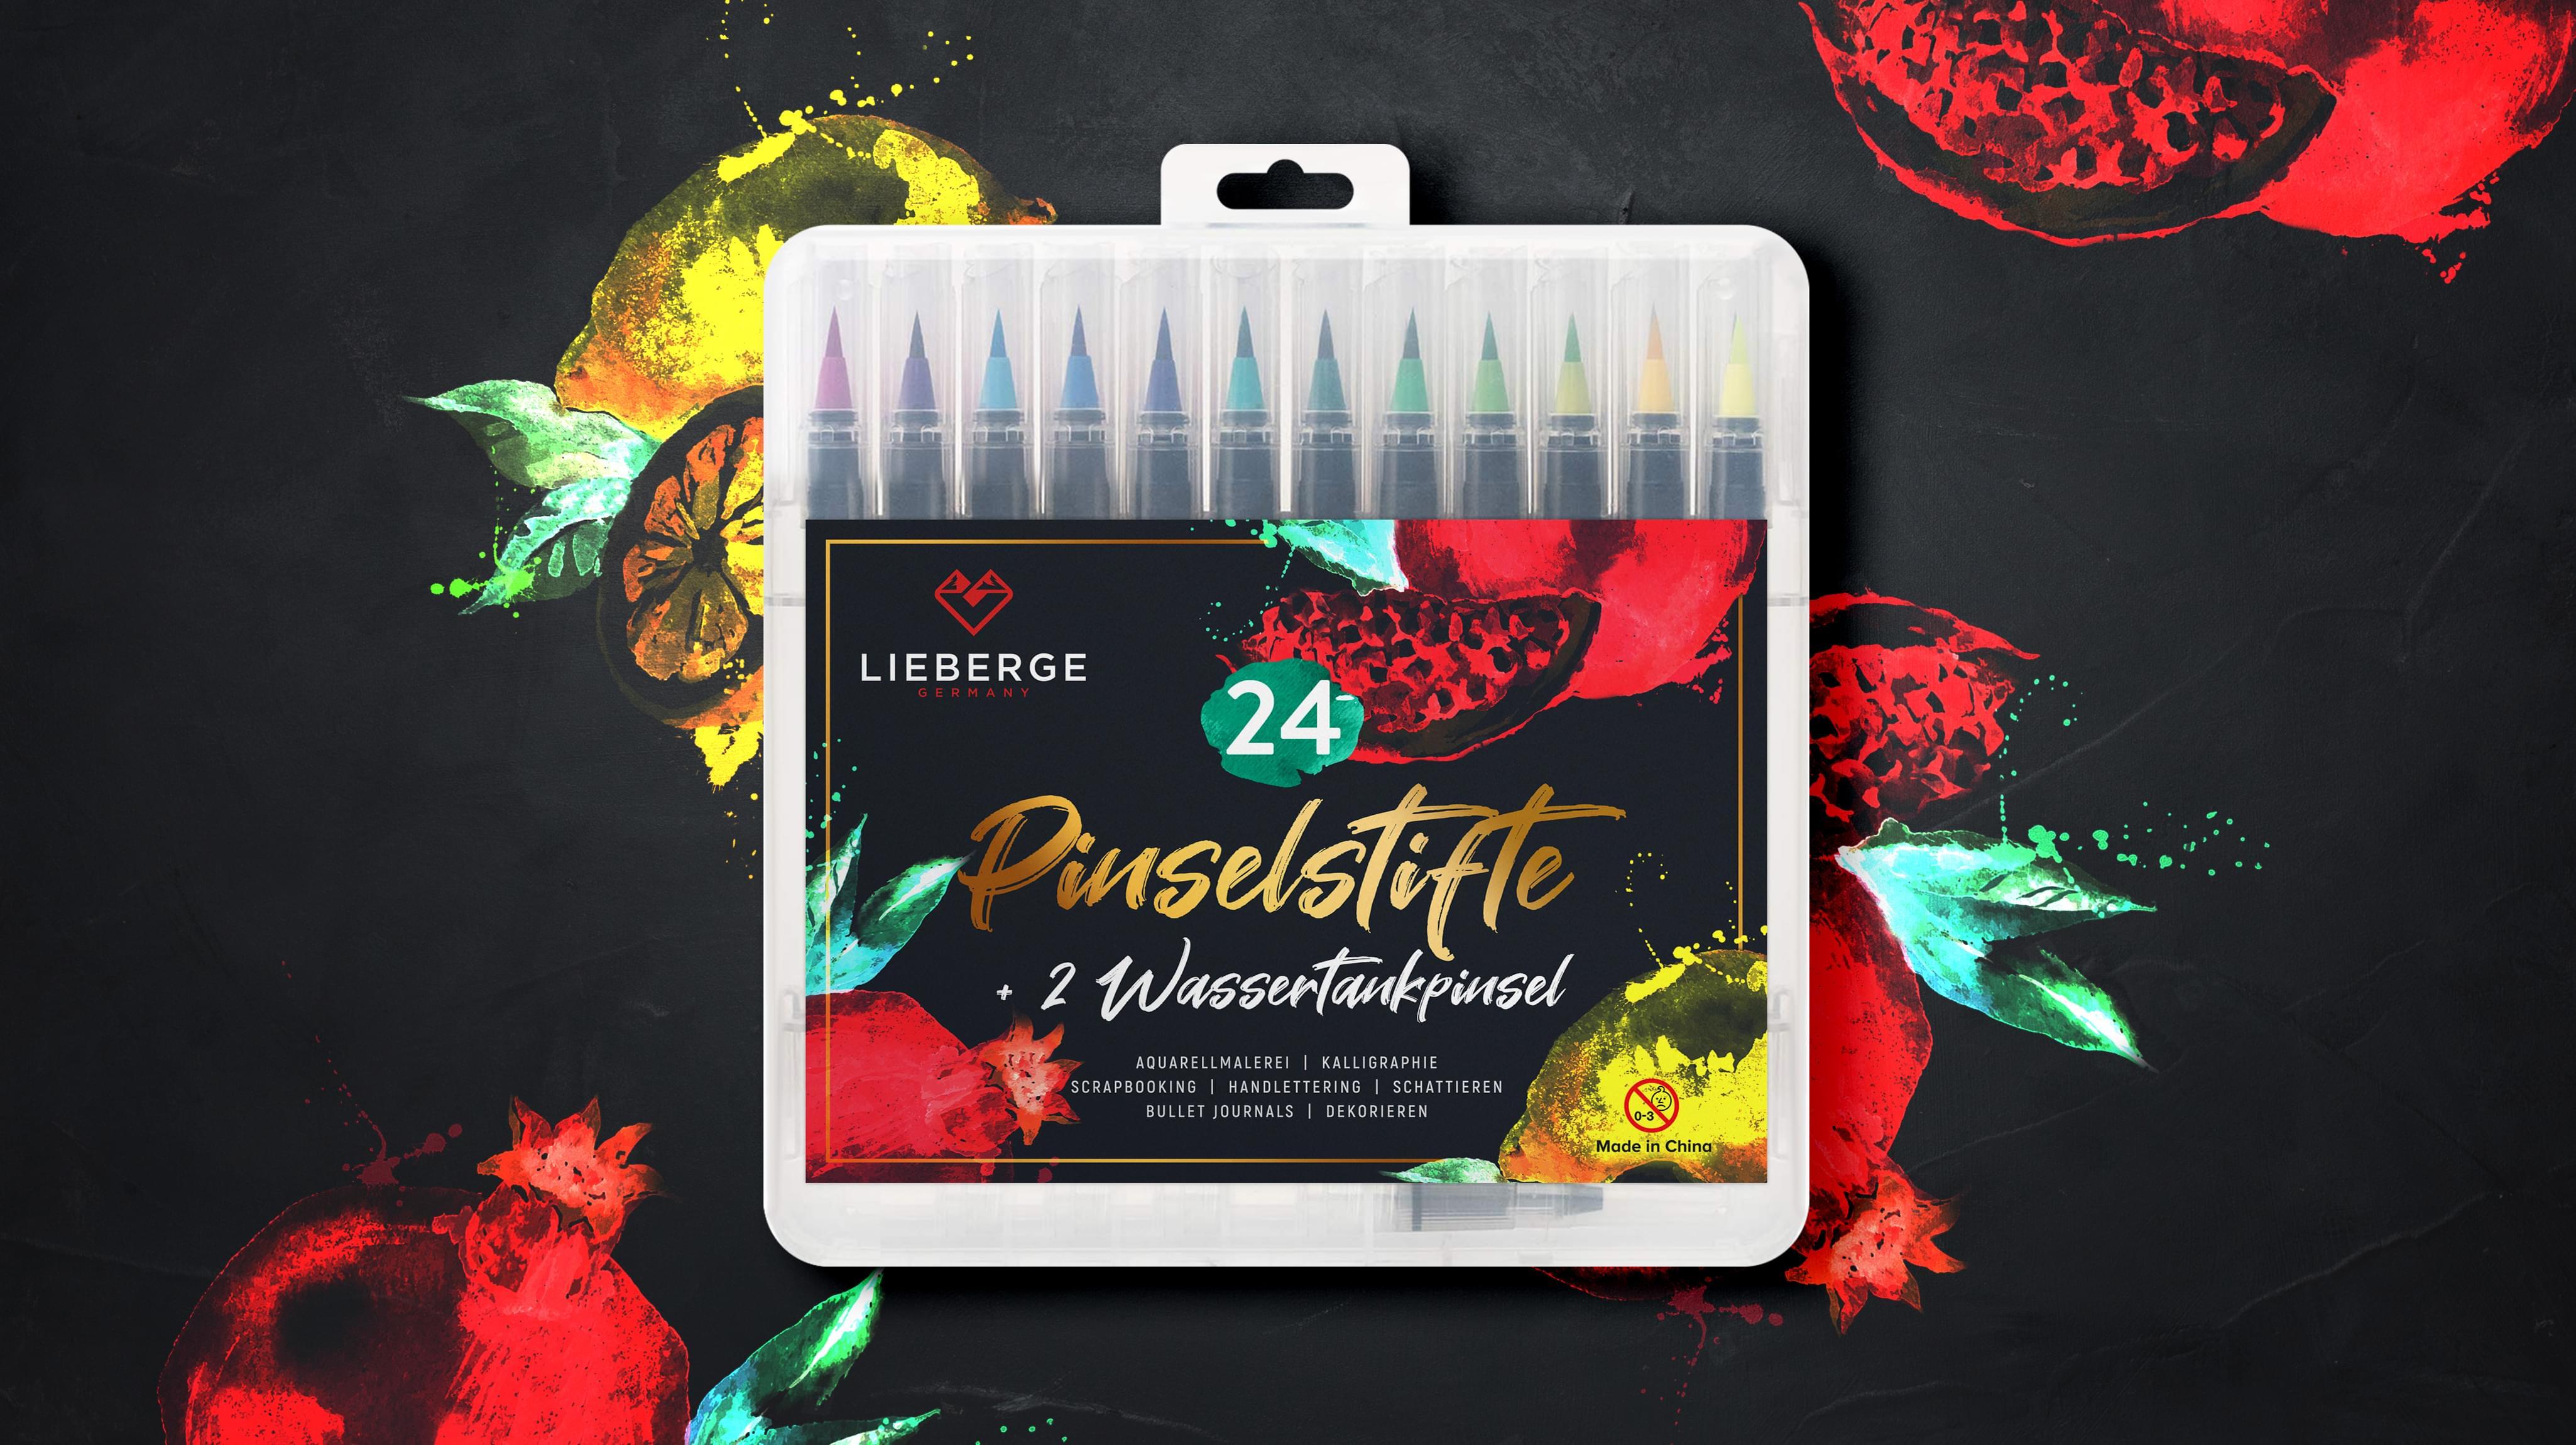 LIEBERGE Packaging